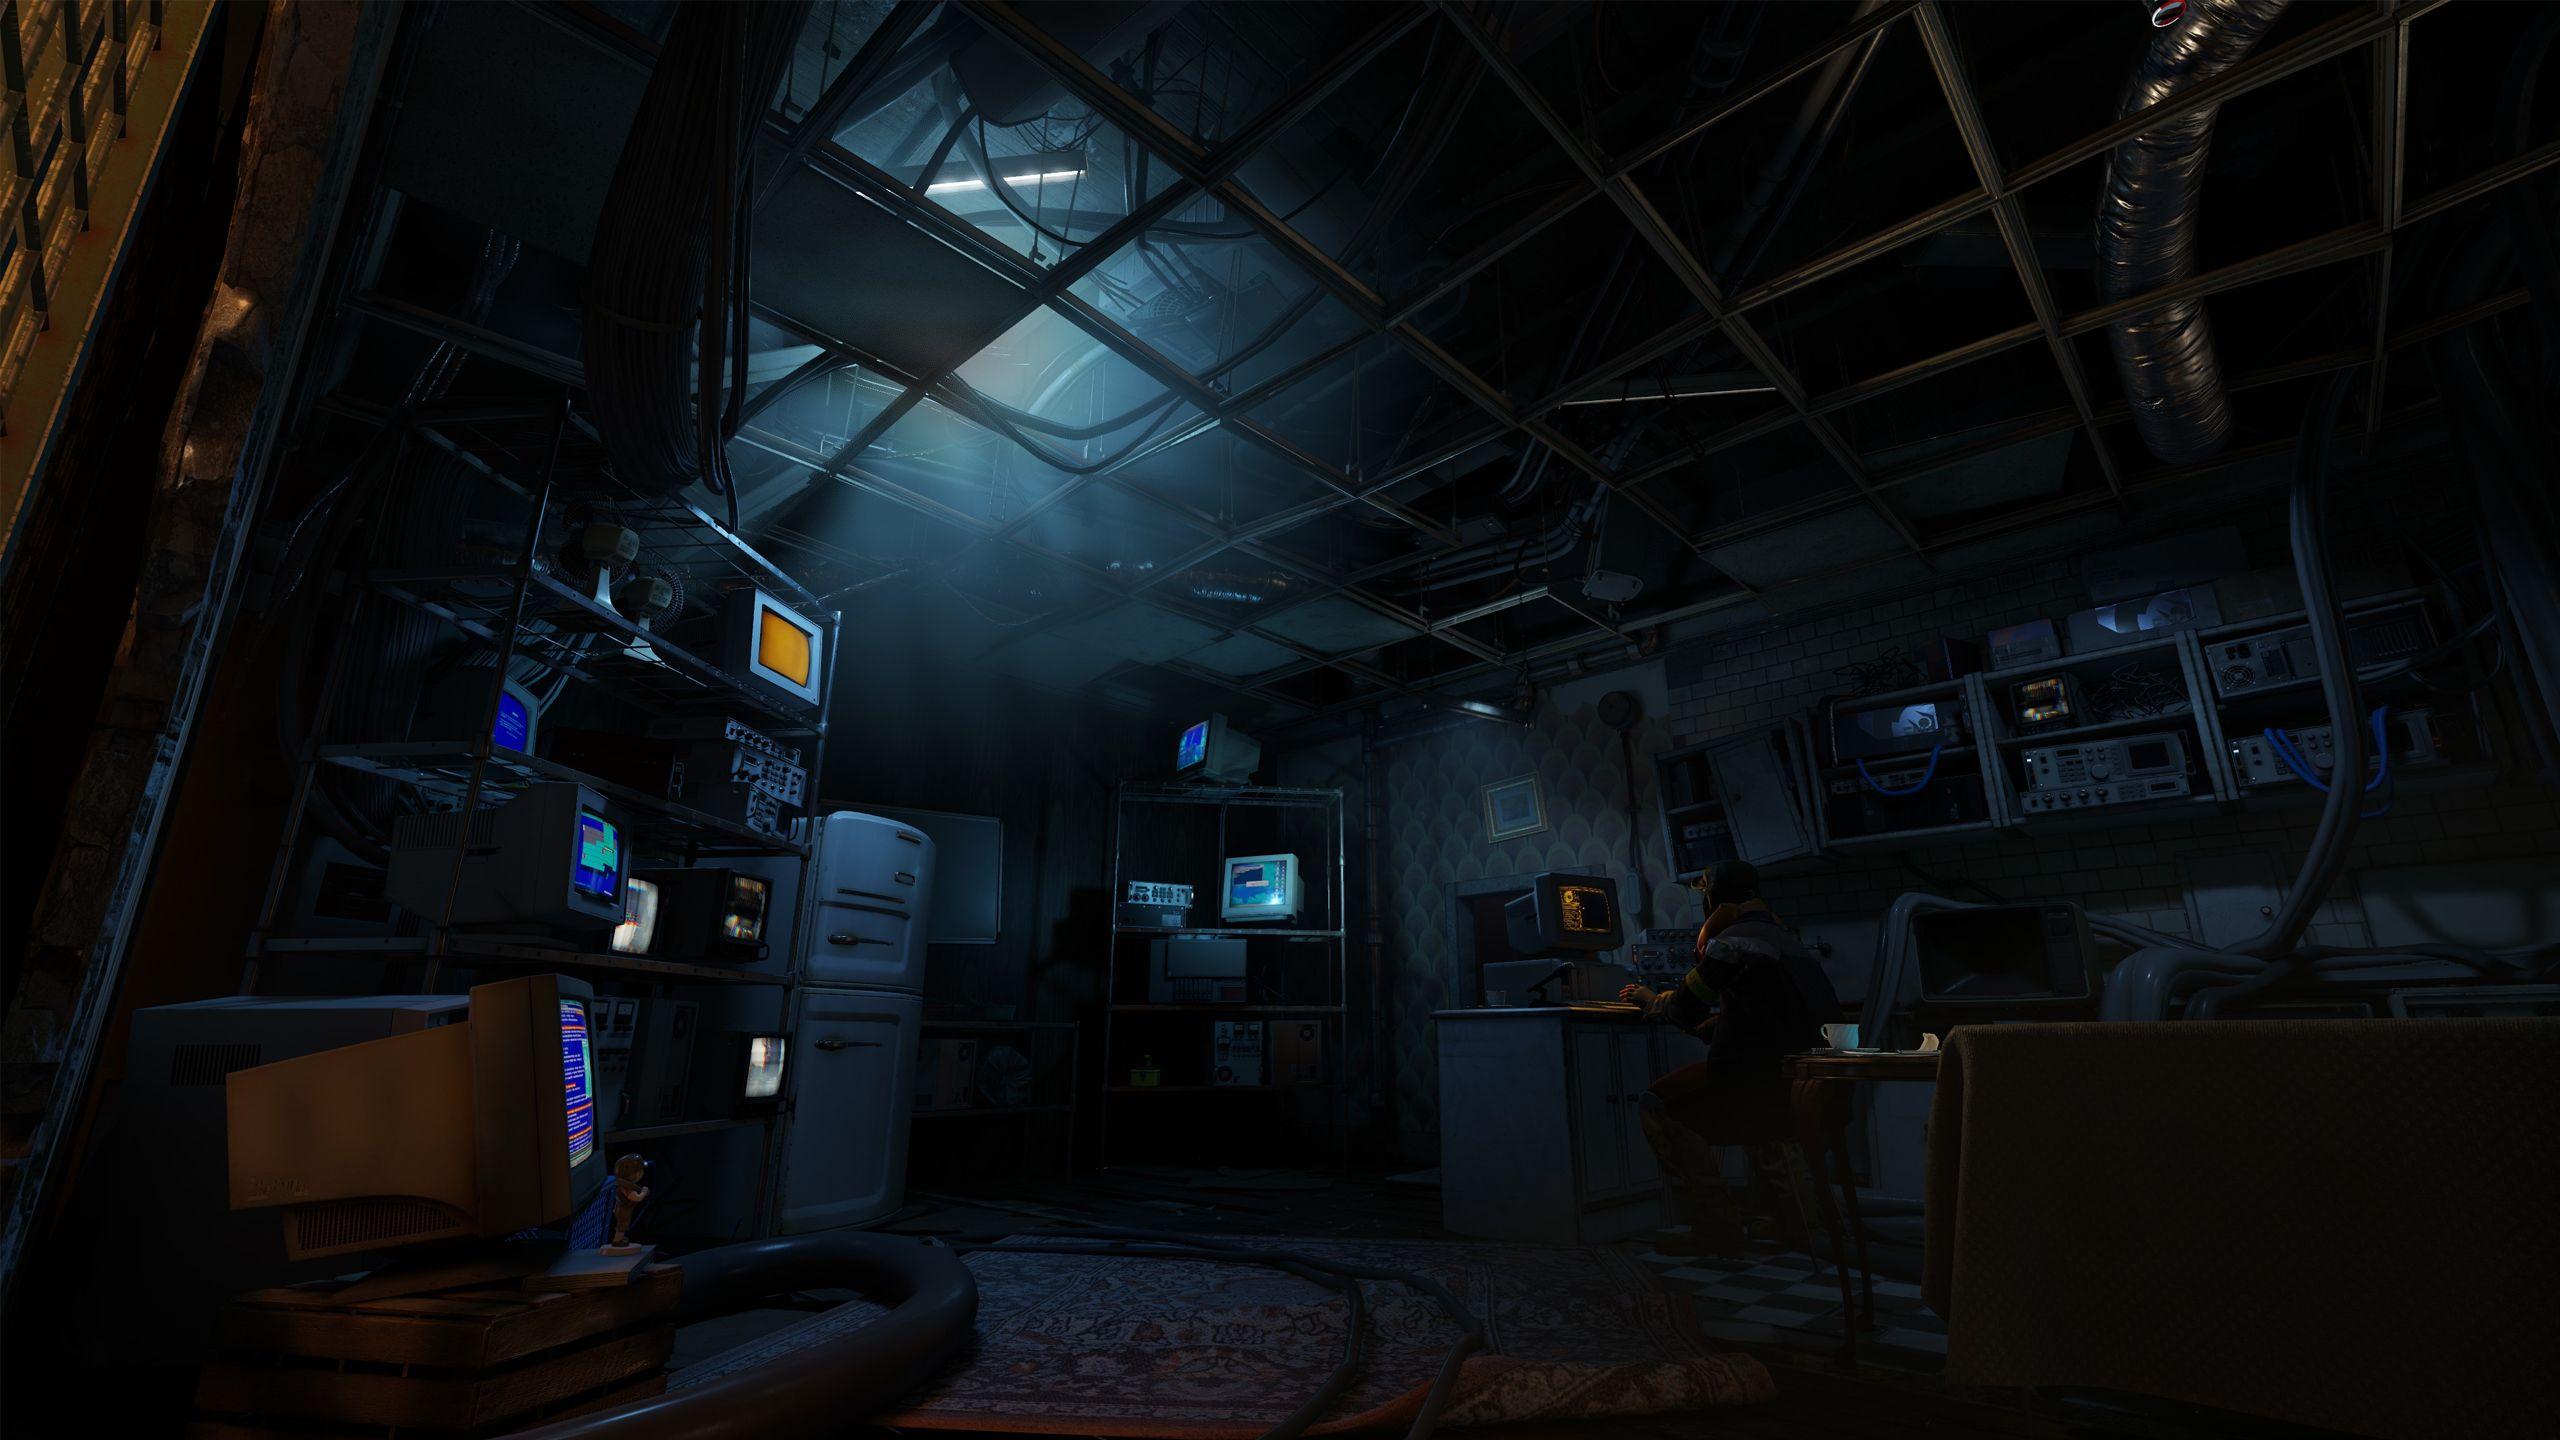 Estos son los requerimientos mínimos para jugar Half-Life: Alyx